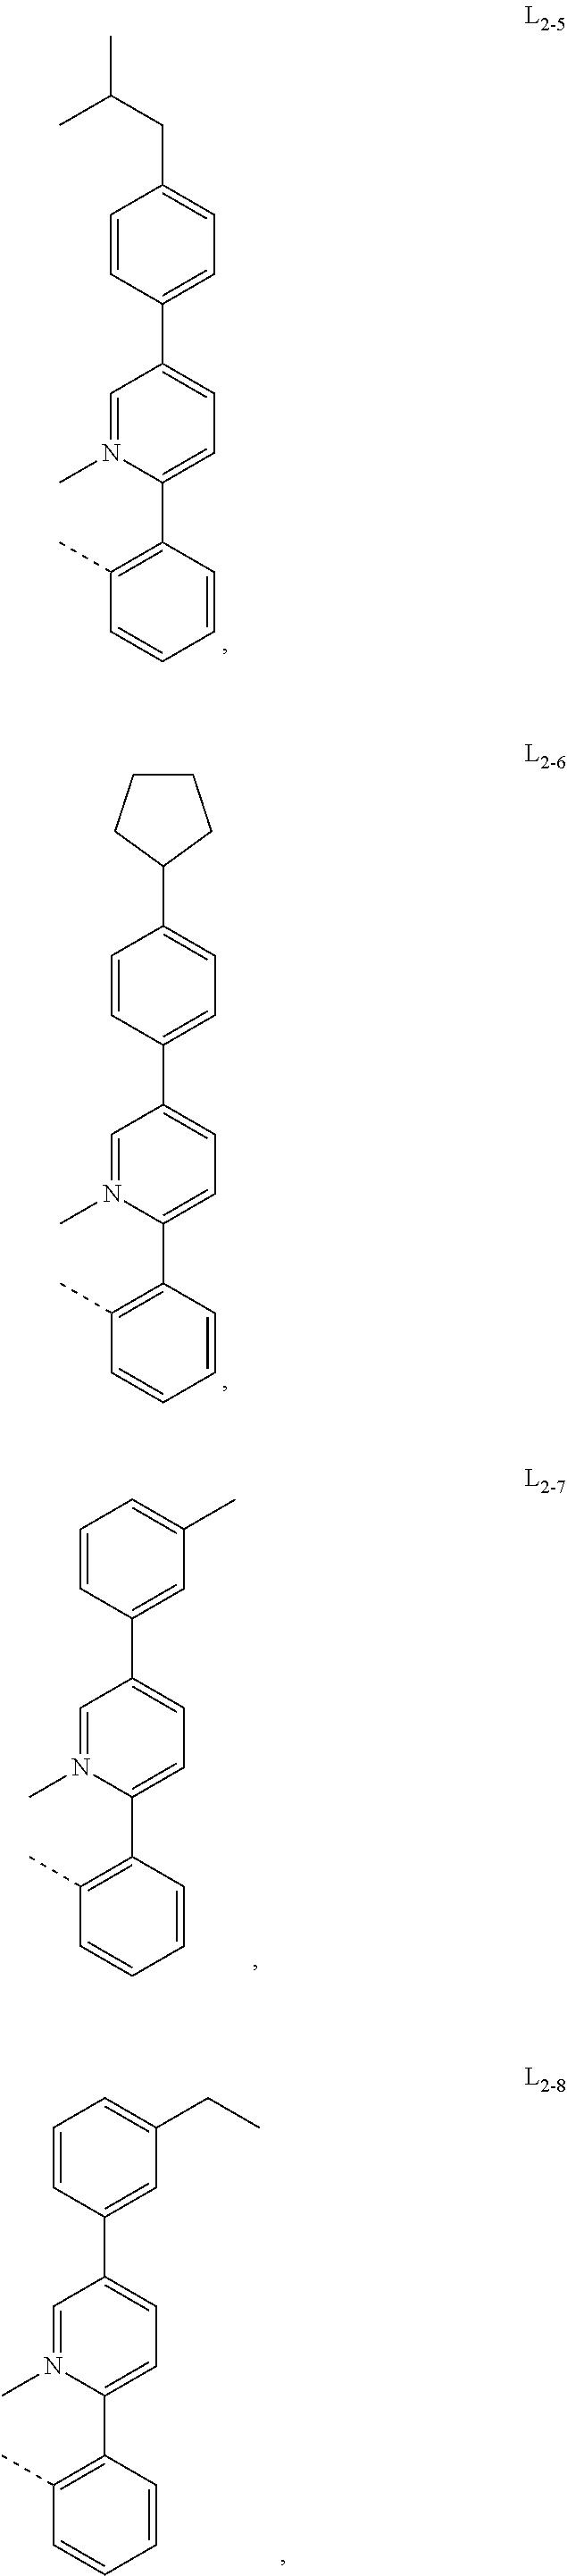 Figure US10074806-20180911-C00051